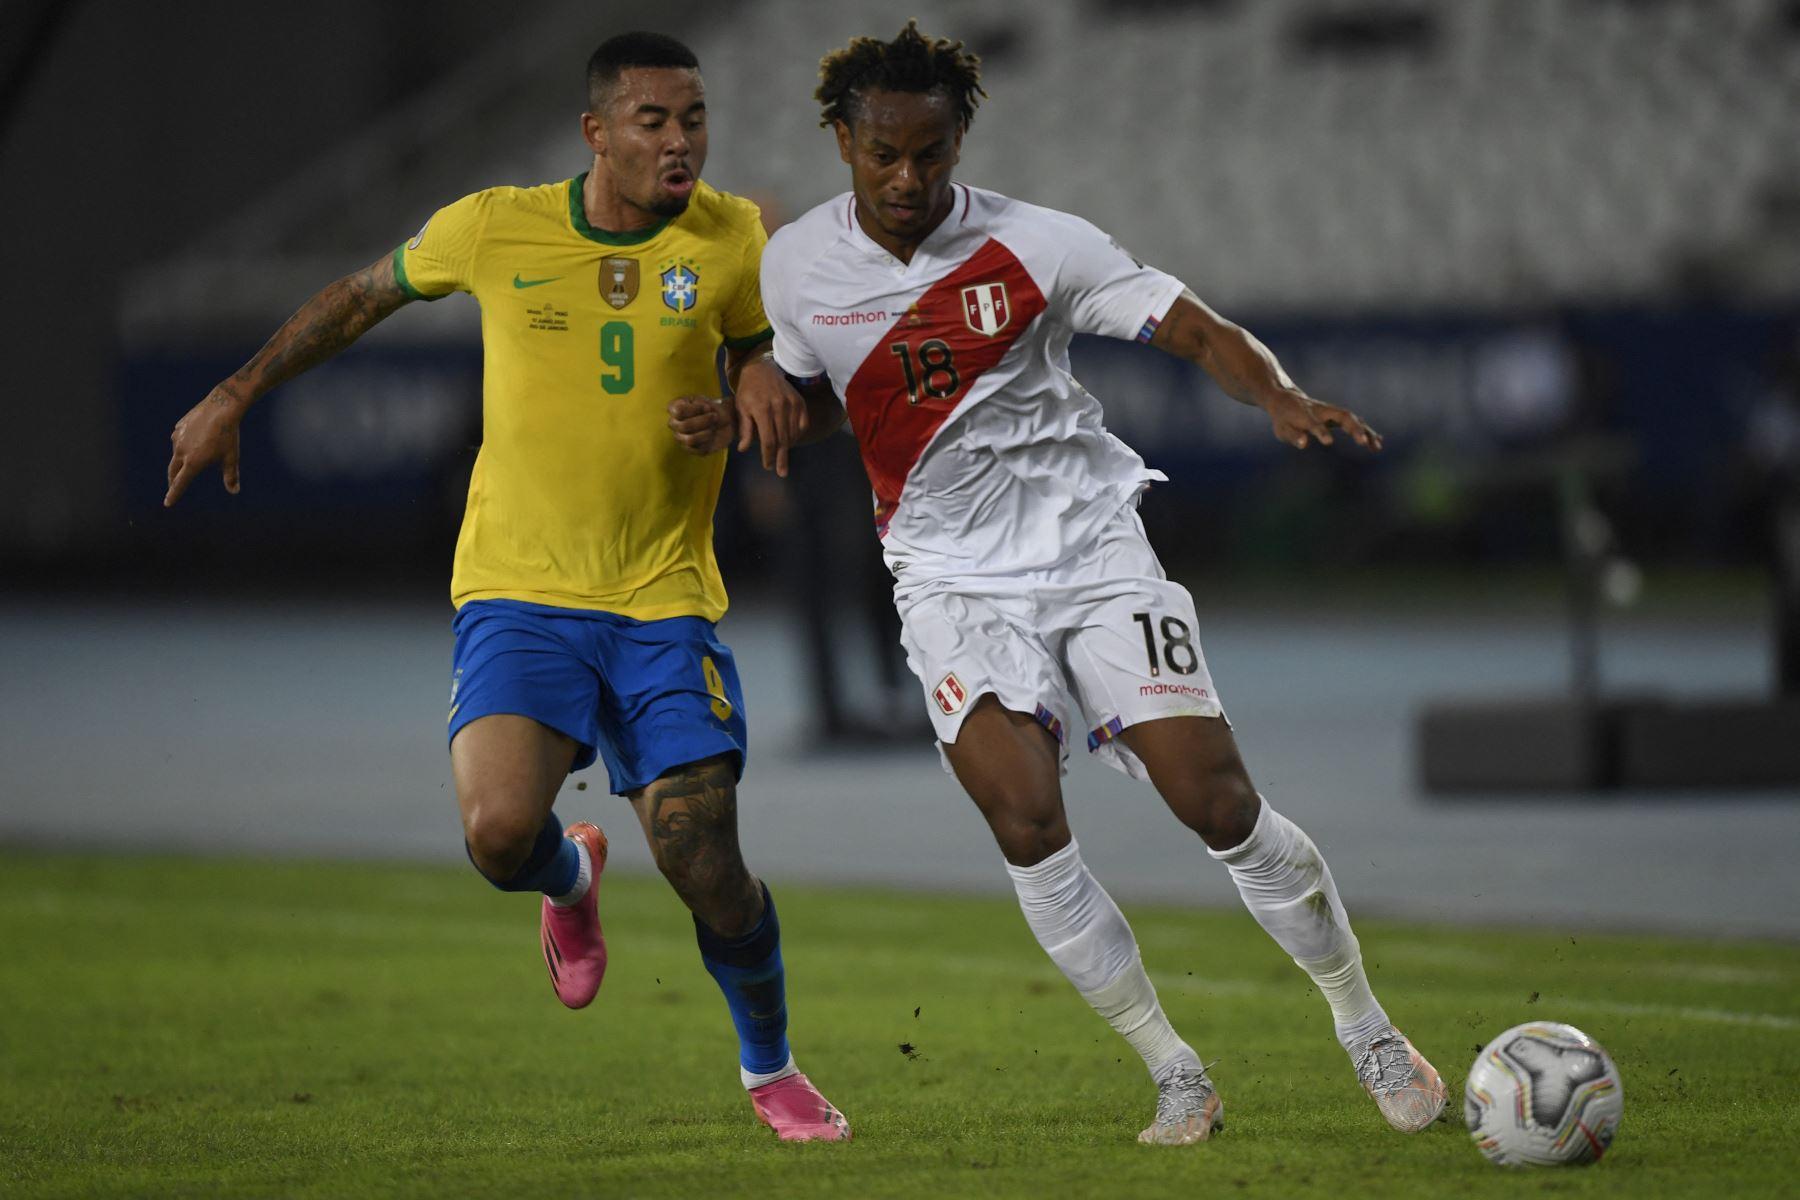 El brasileño Gabriel Jesús y el peruano Andre Carrillo compiten por el balón durante el partido de la fase de grupos de la Copa América, en el estadio Nilton Santos de Río de Janeiro, Brasil. Foto. AFP